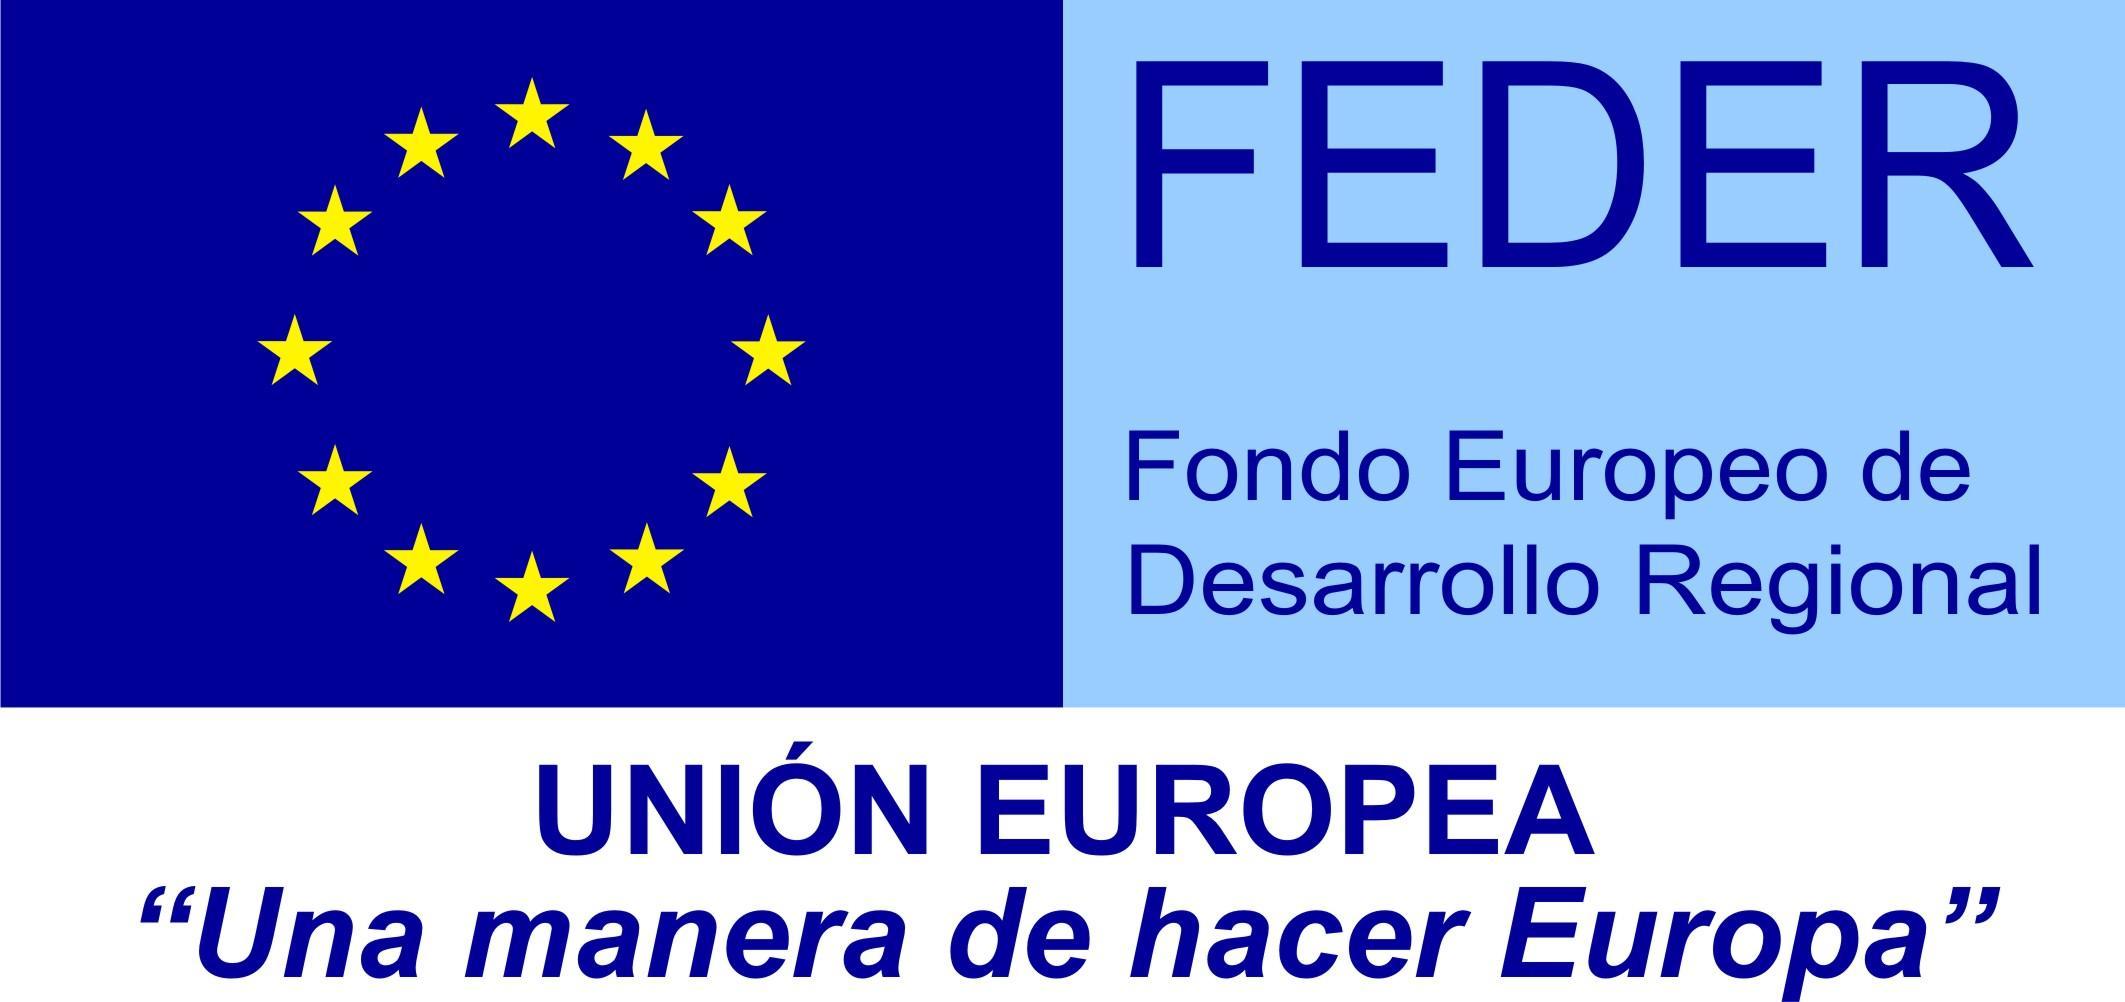 11-logo_fondo-feder_1